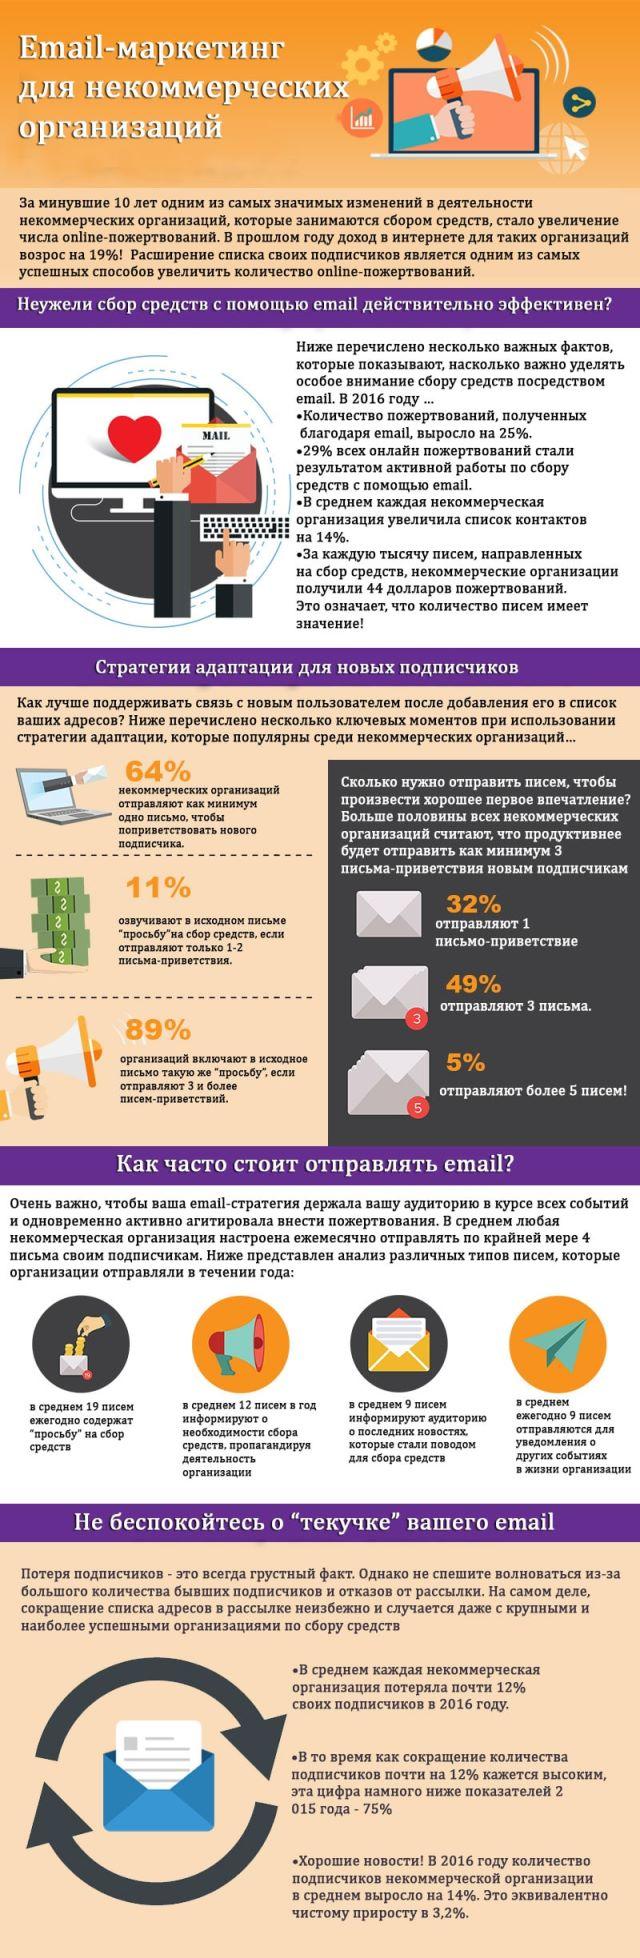 Email-маркетинг для некоммерческих организаций